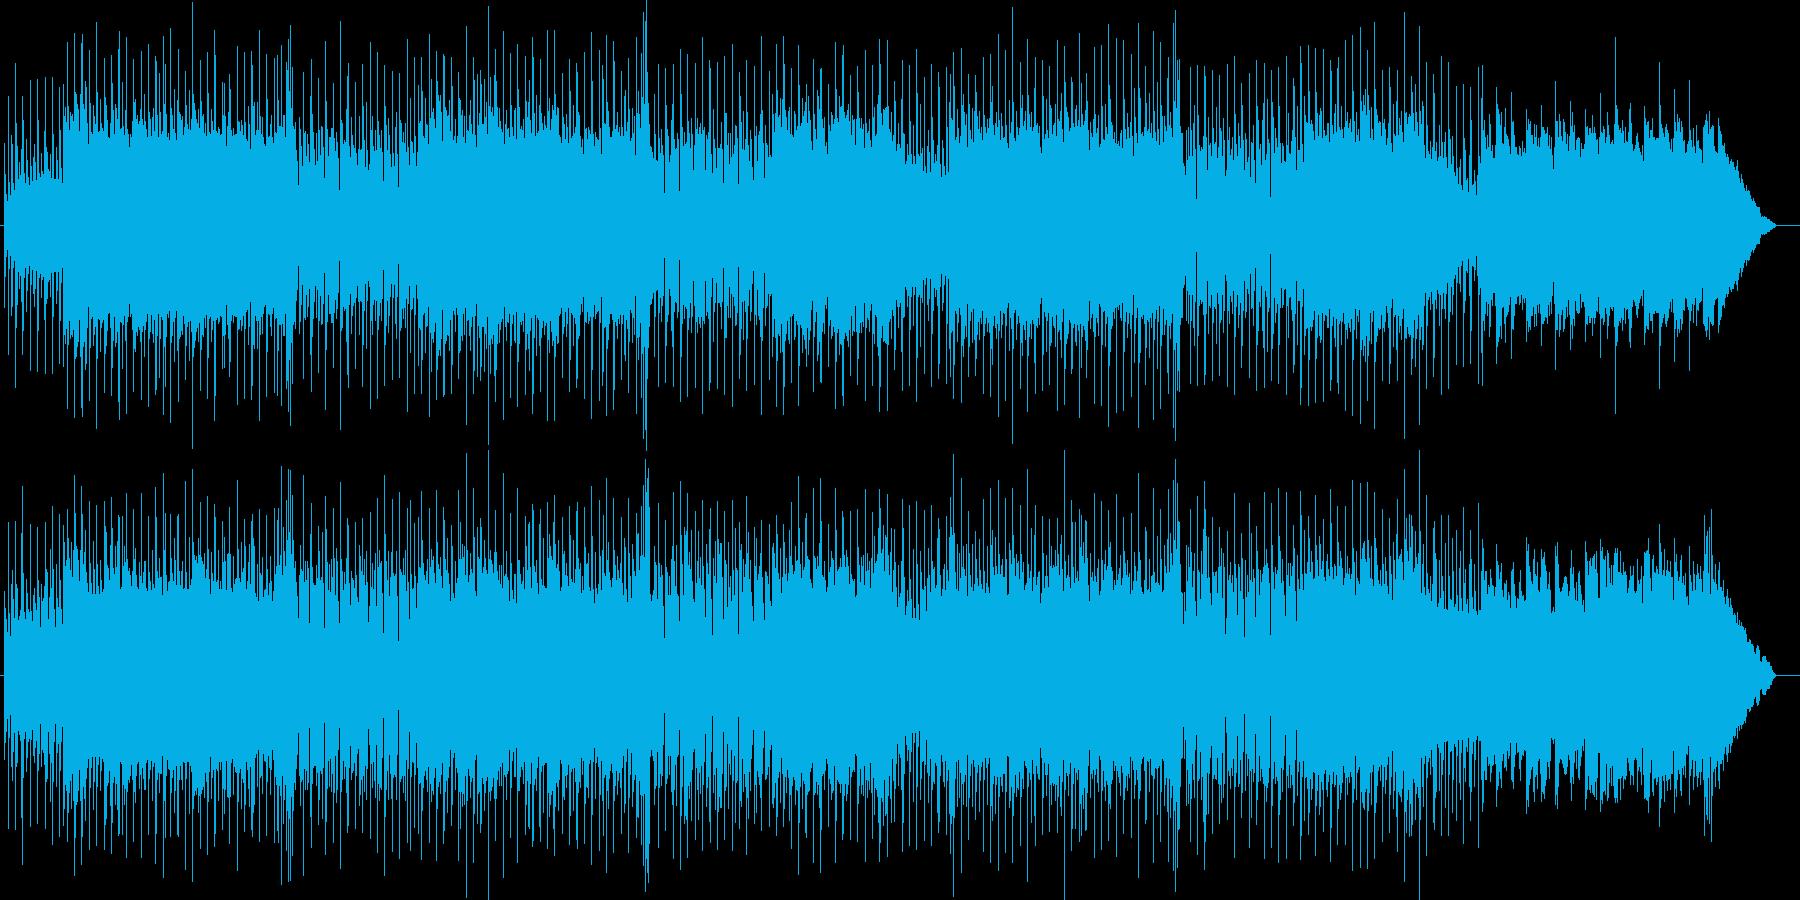 学校チャイム~青春パンクロック 朝の再生済みの波形